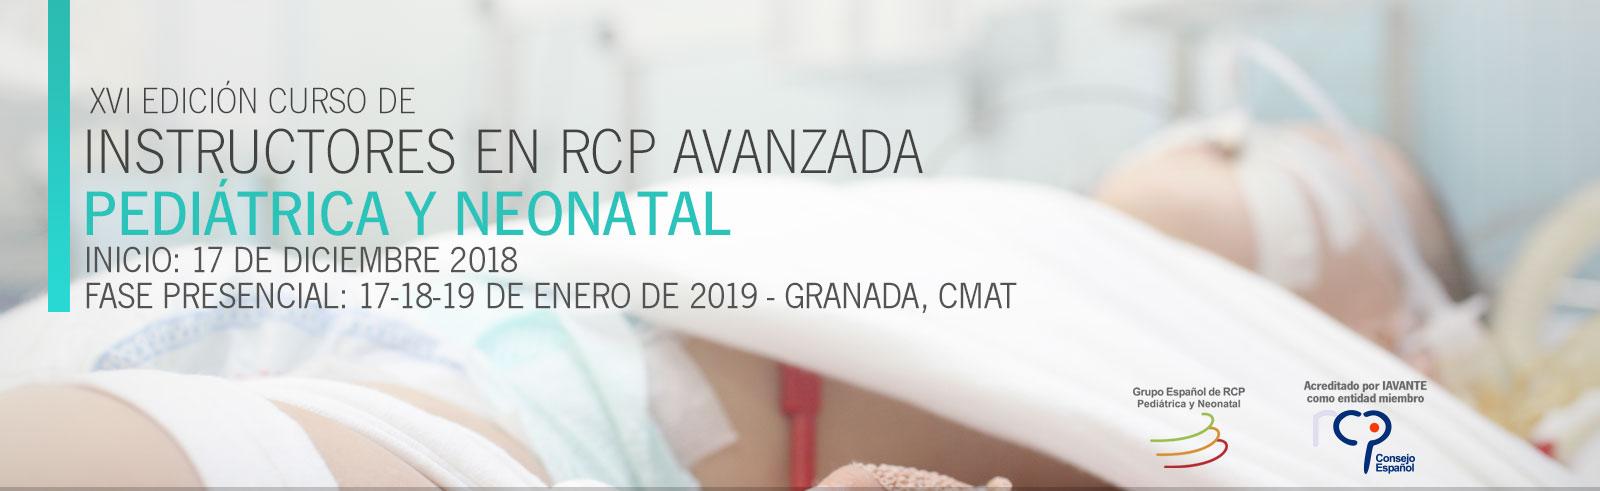 Instructores en Reanimación Cardio-Pulmonar avanzada pediátrica y neonatal